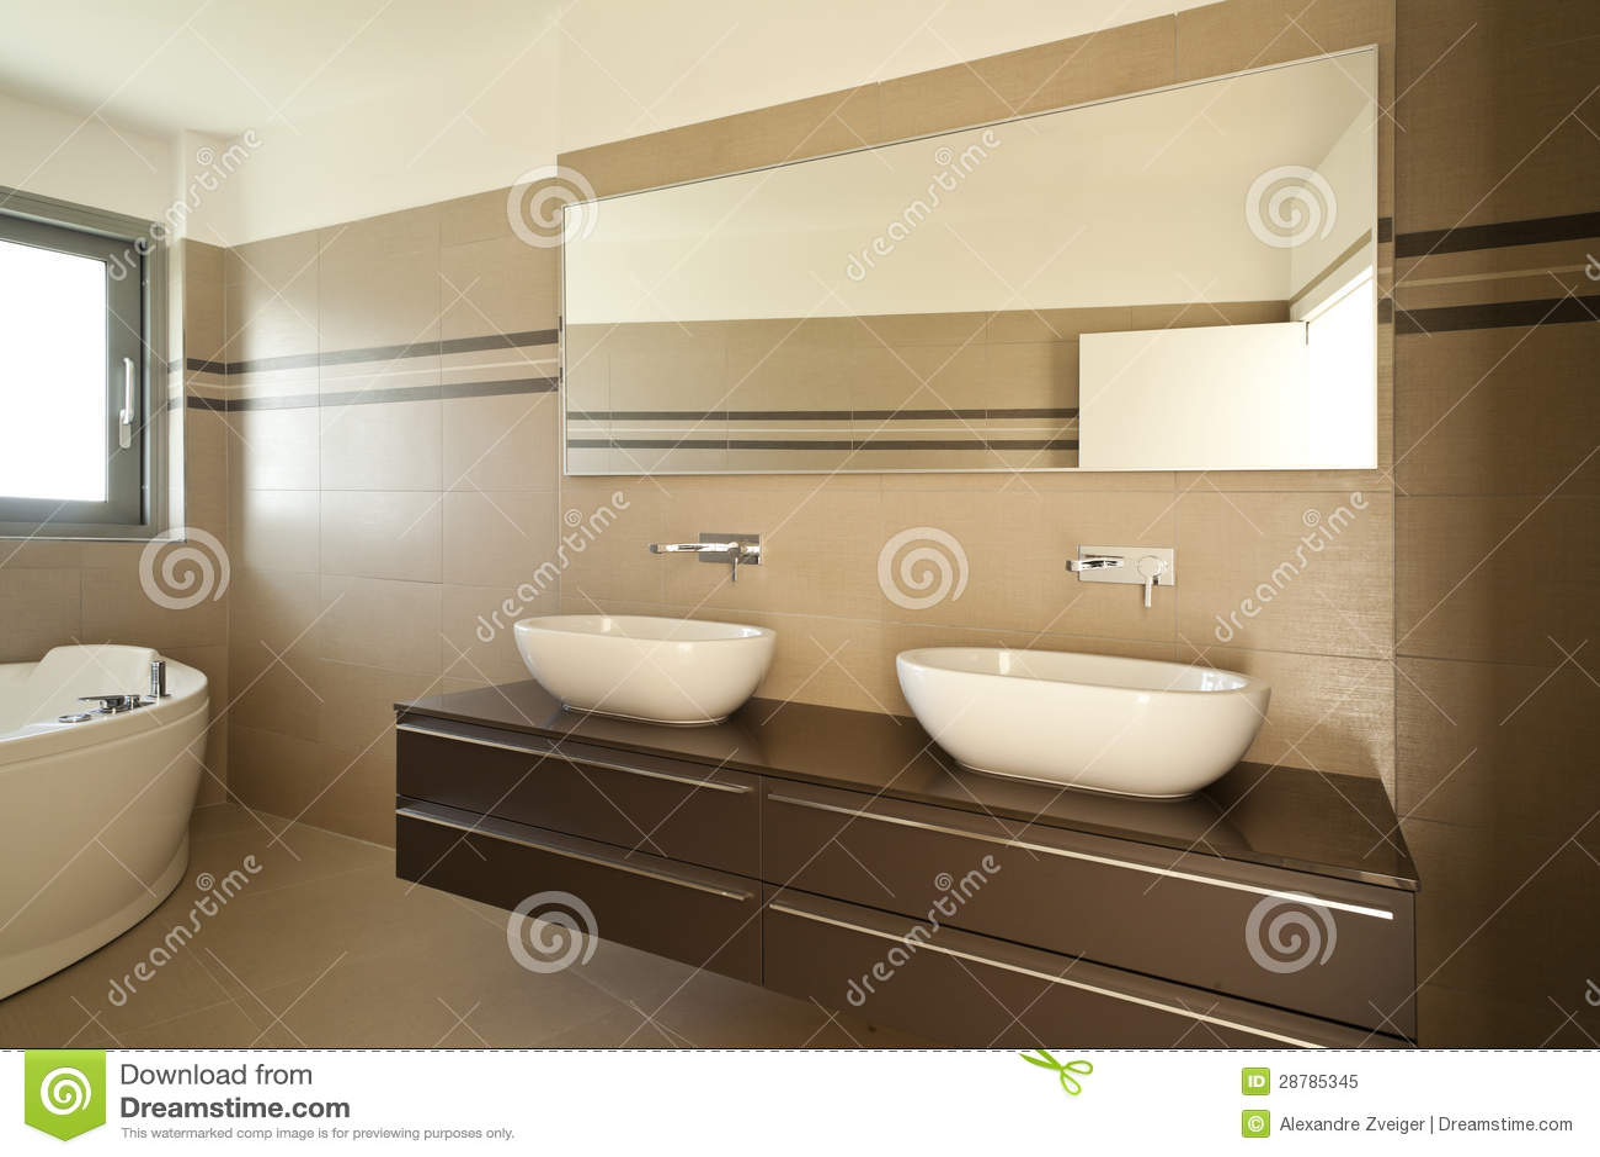 bagno moderno fotografia stock libera da diritti - immagine: 28785345 - Architettura Bagni Moderni